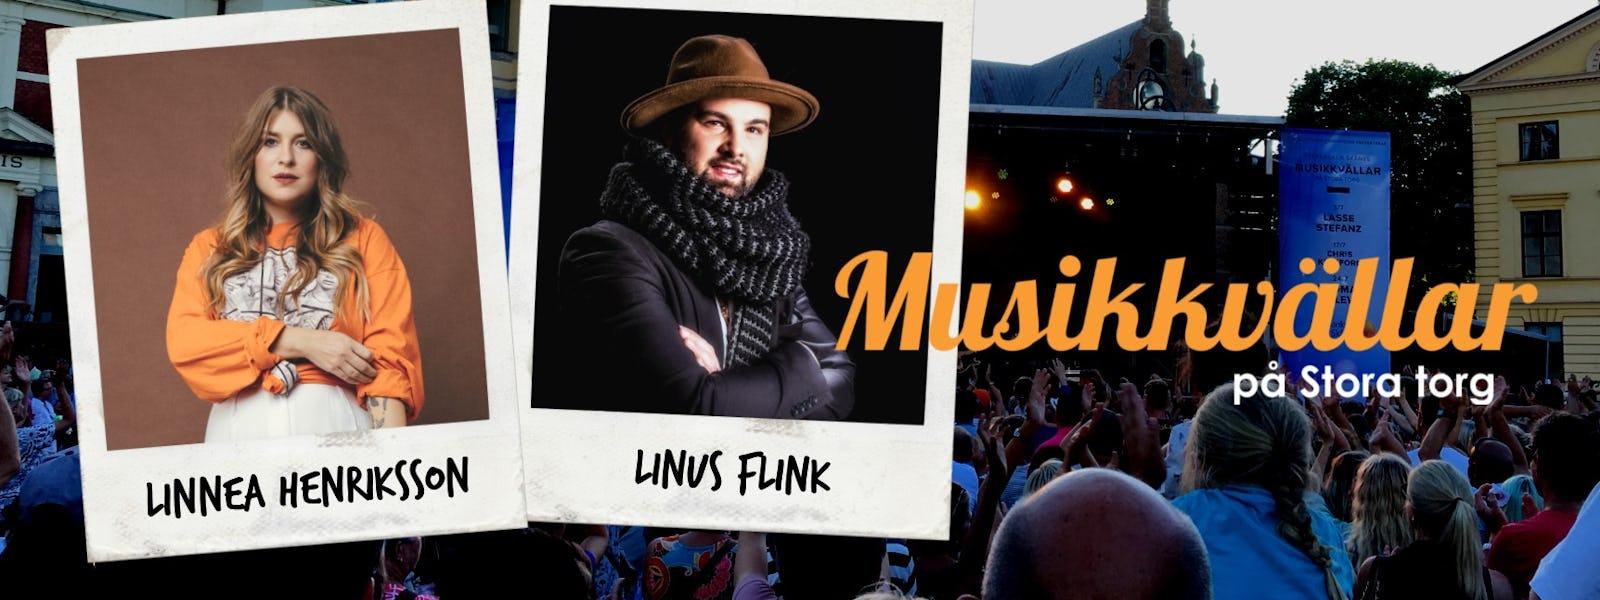 Bild - Musikkväll med Linnea Henriksson & Linus Flink